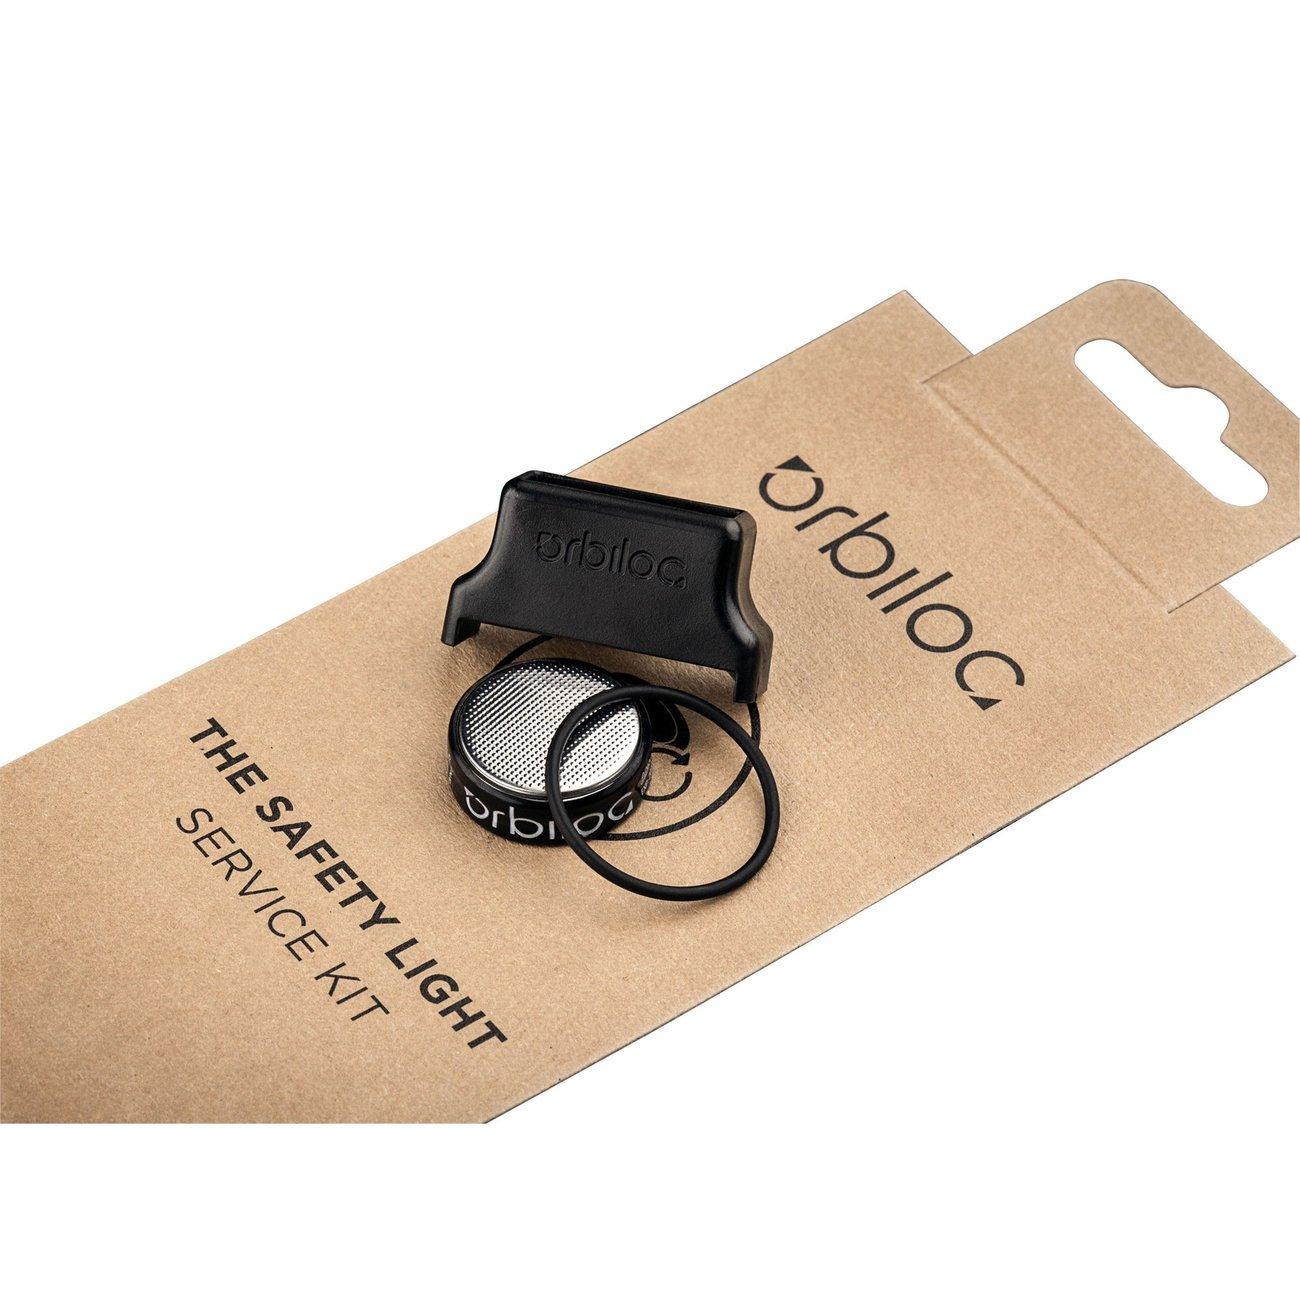 Orbiloc Safety Light Ersatzteile und Zubehör, Bild 17